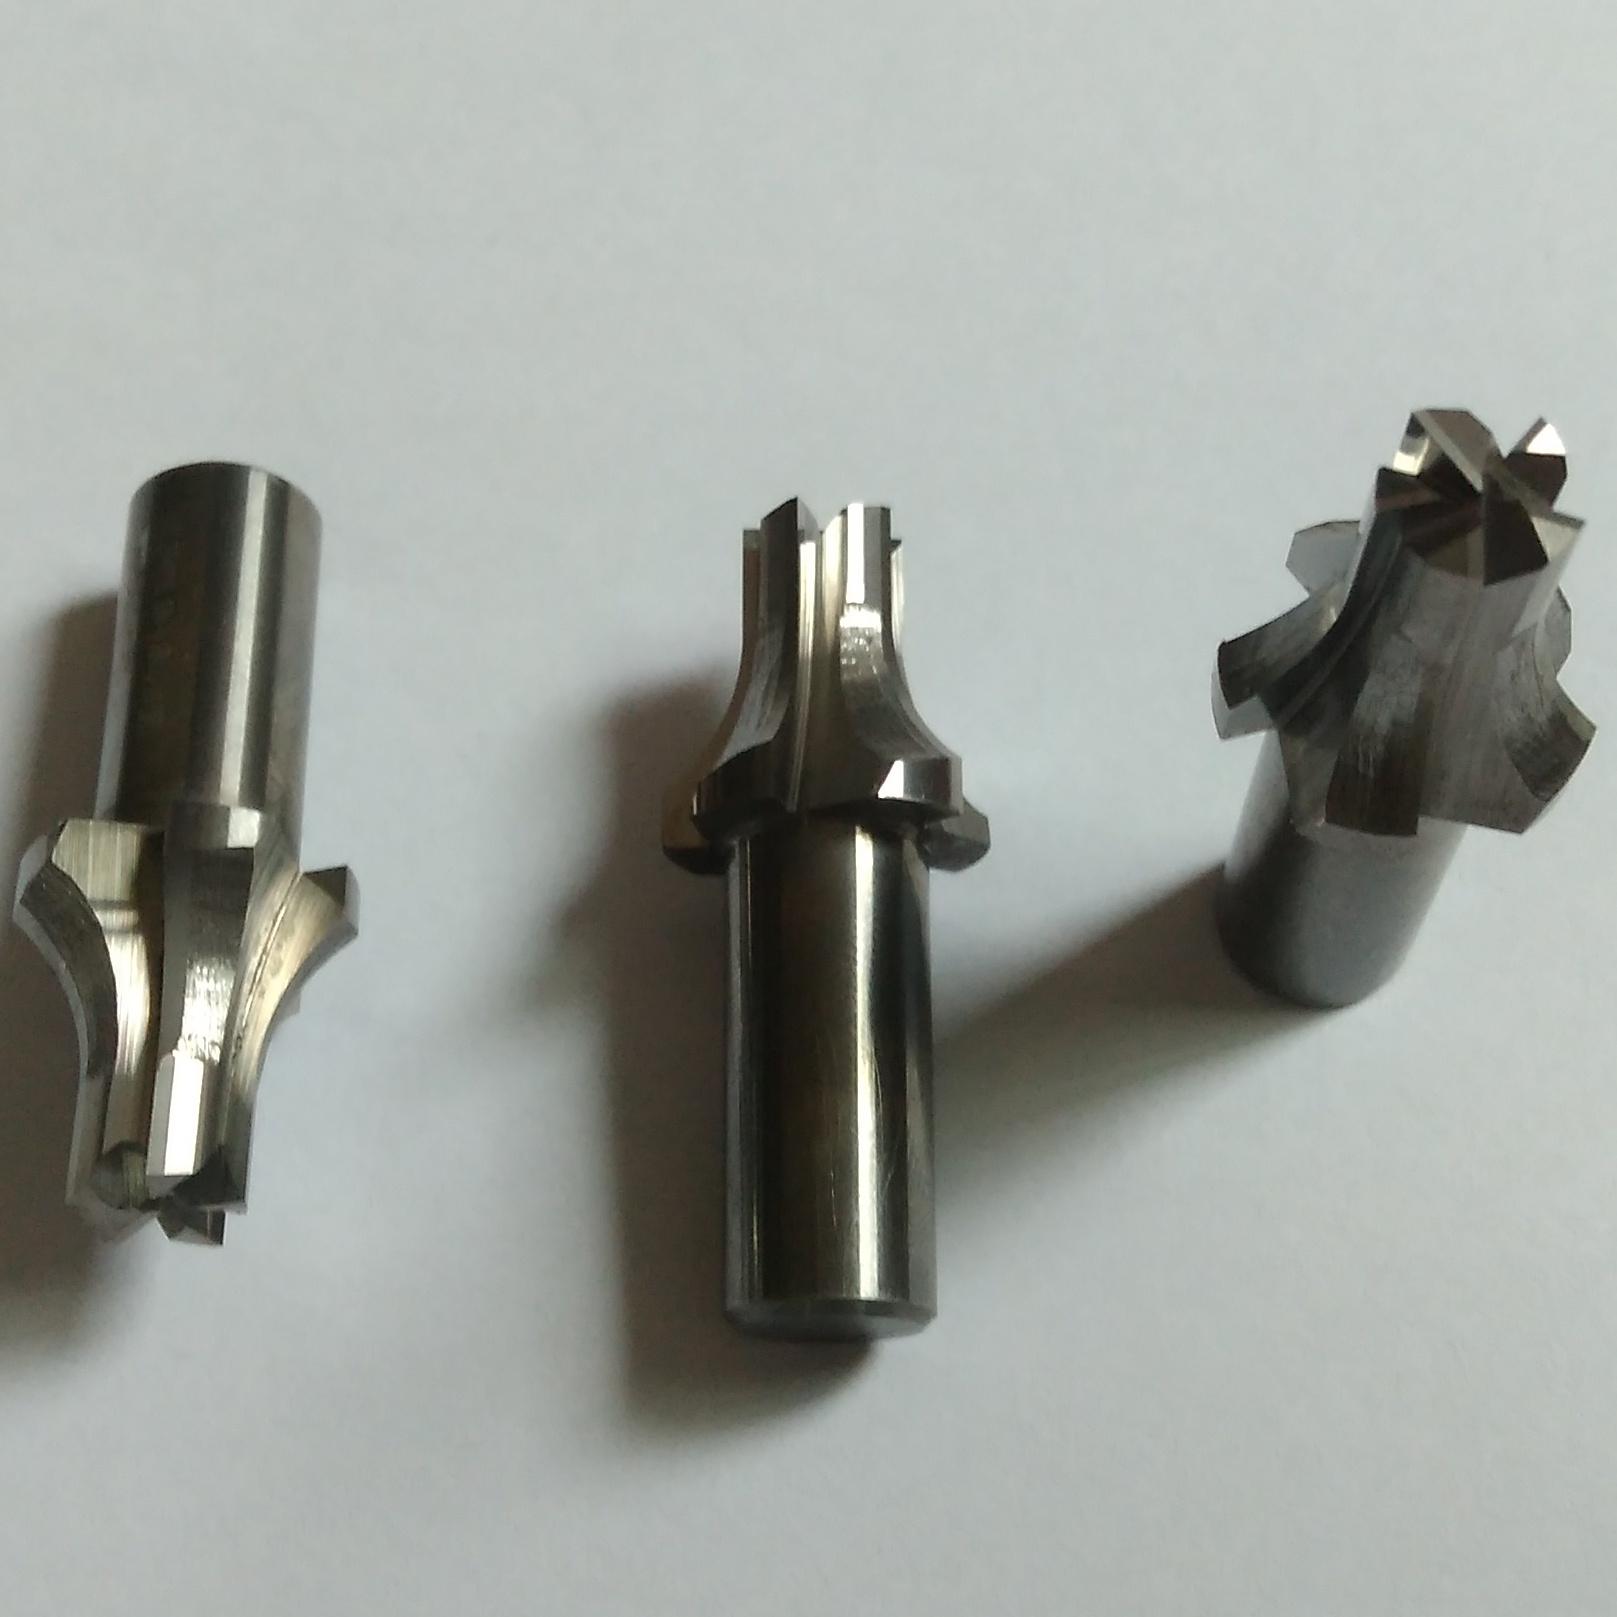 螺纹铣刀 钨钢锯片铣刀 T型铣刀  舍弃式刀片 小径刀